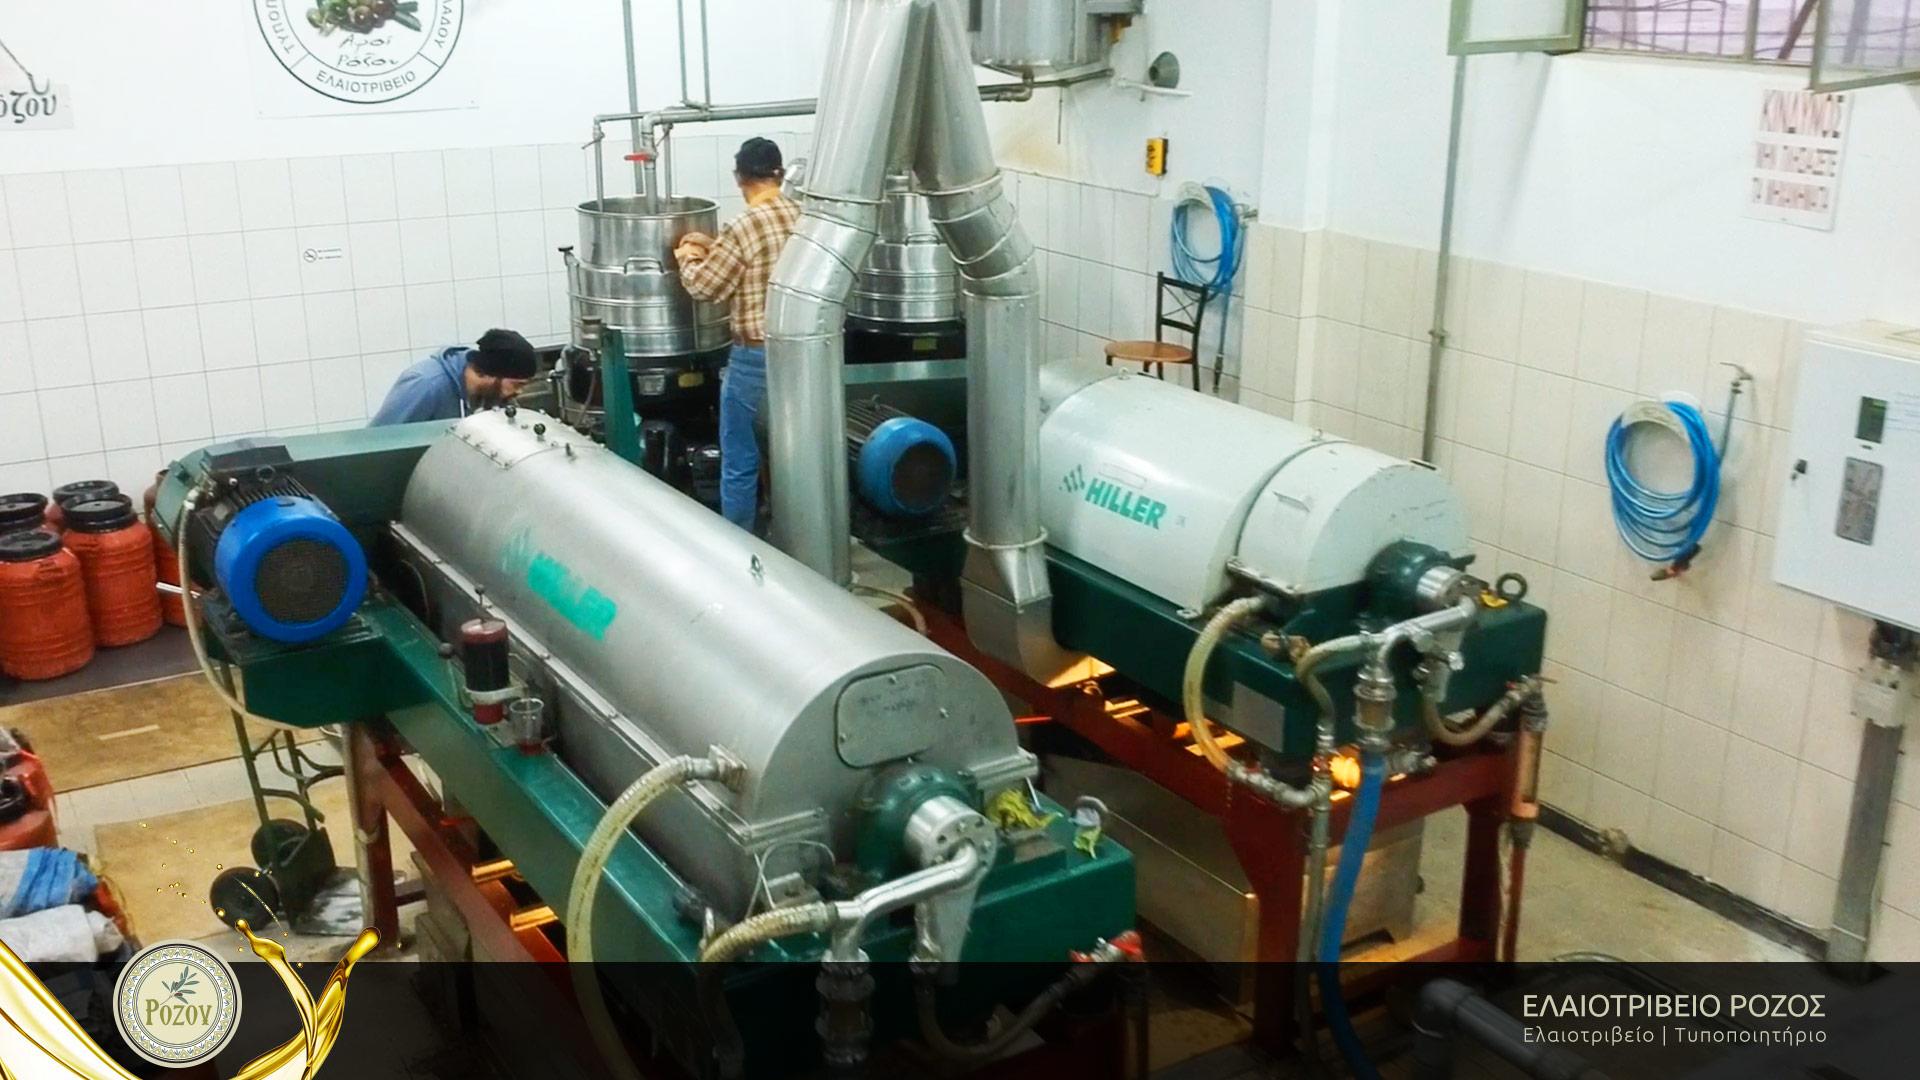 Rozos-Oil-Ελαιοτριβείο-Τυποποιητήριο-Αχαϊας-022